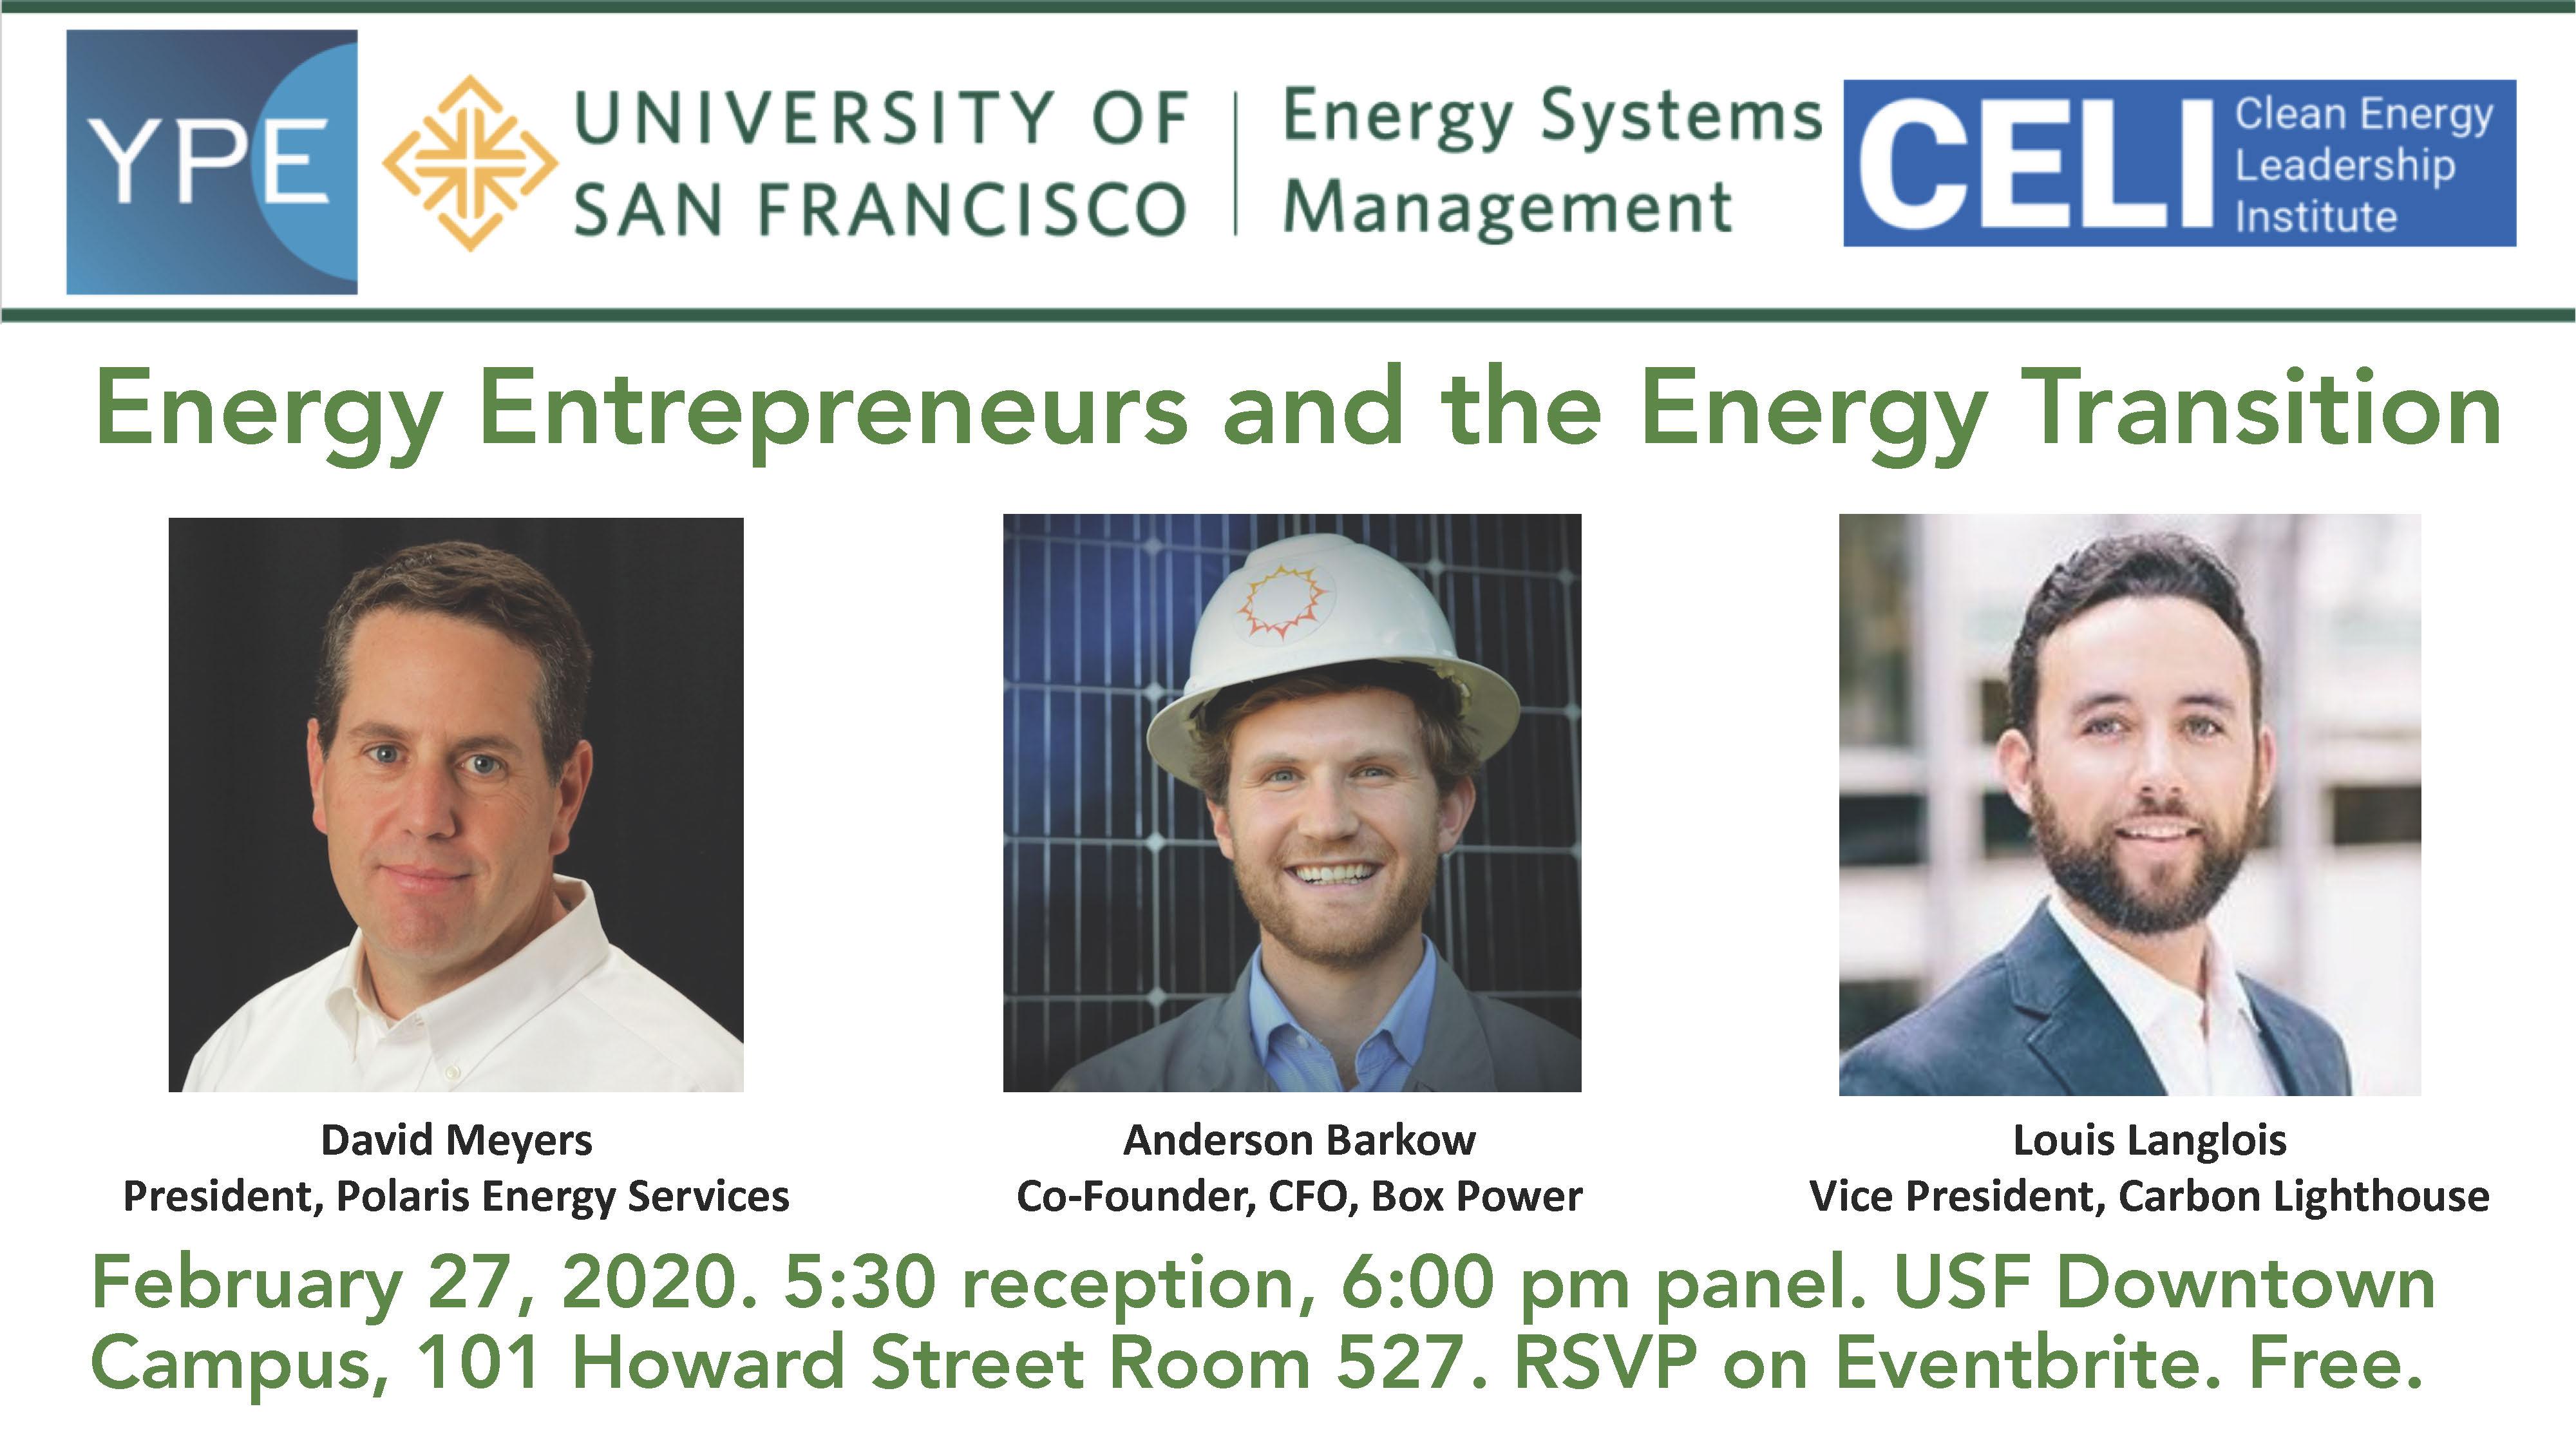 Energy Entrepreneur Flyer 2.2020